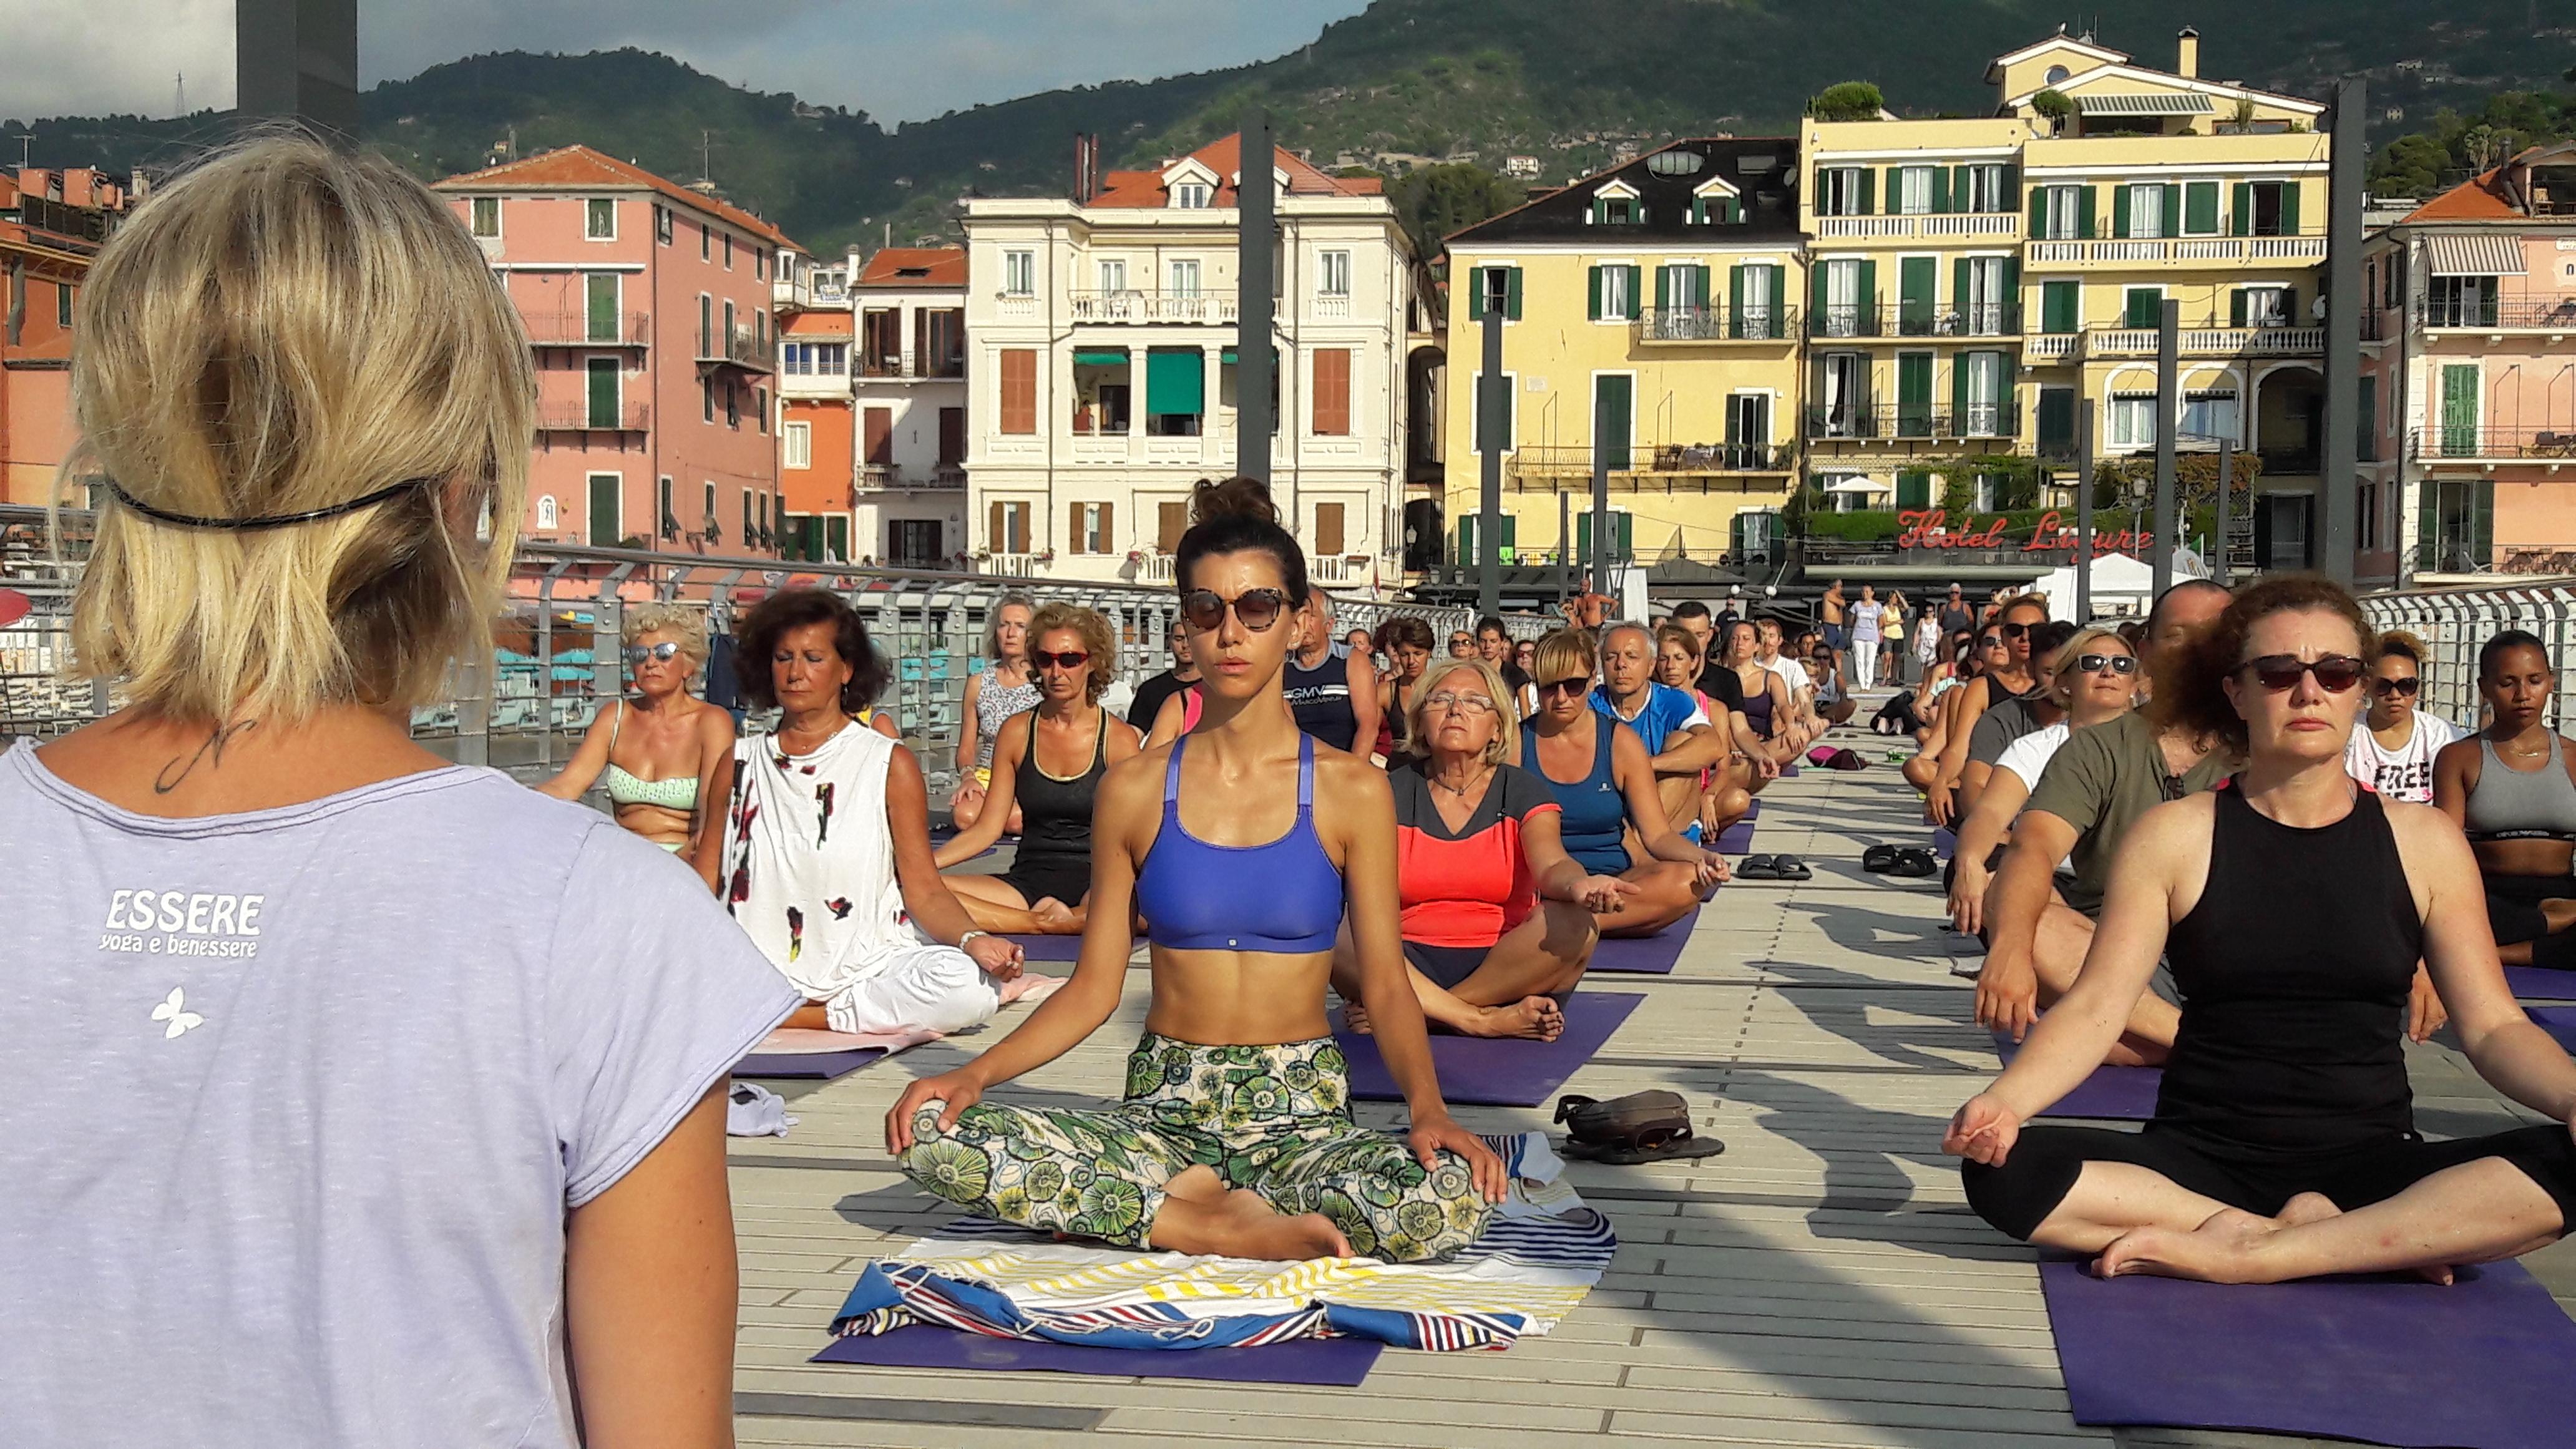 1_essere-free-yoga-gratuito-benessere-per-tutti-village-citta-alassio-estate-lucia-ragazzi-summer-town-wellness-107